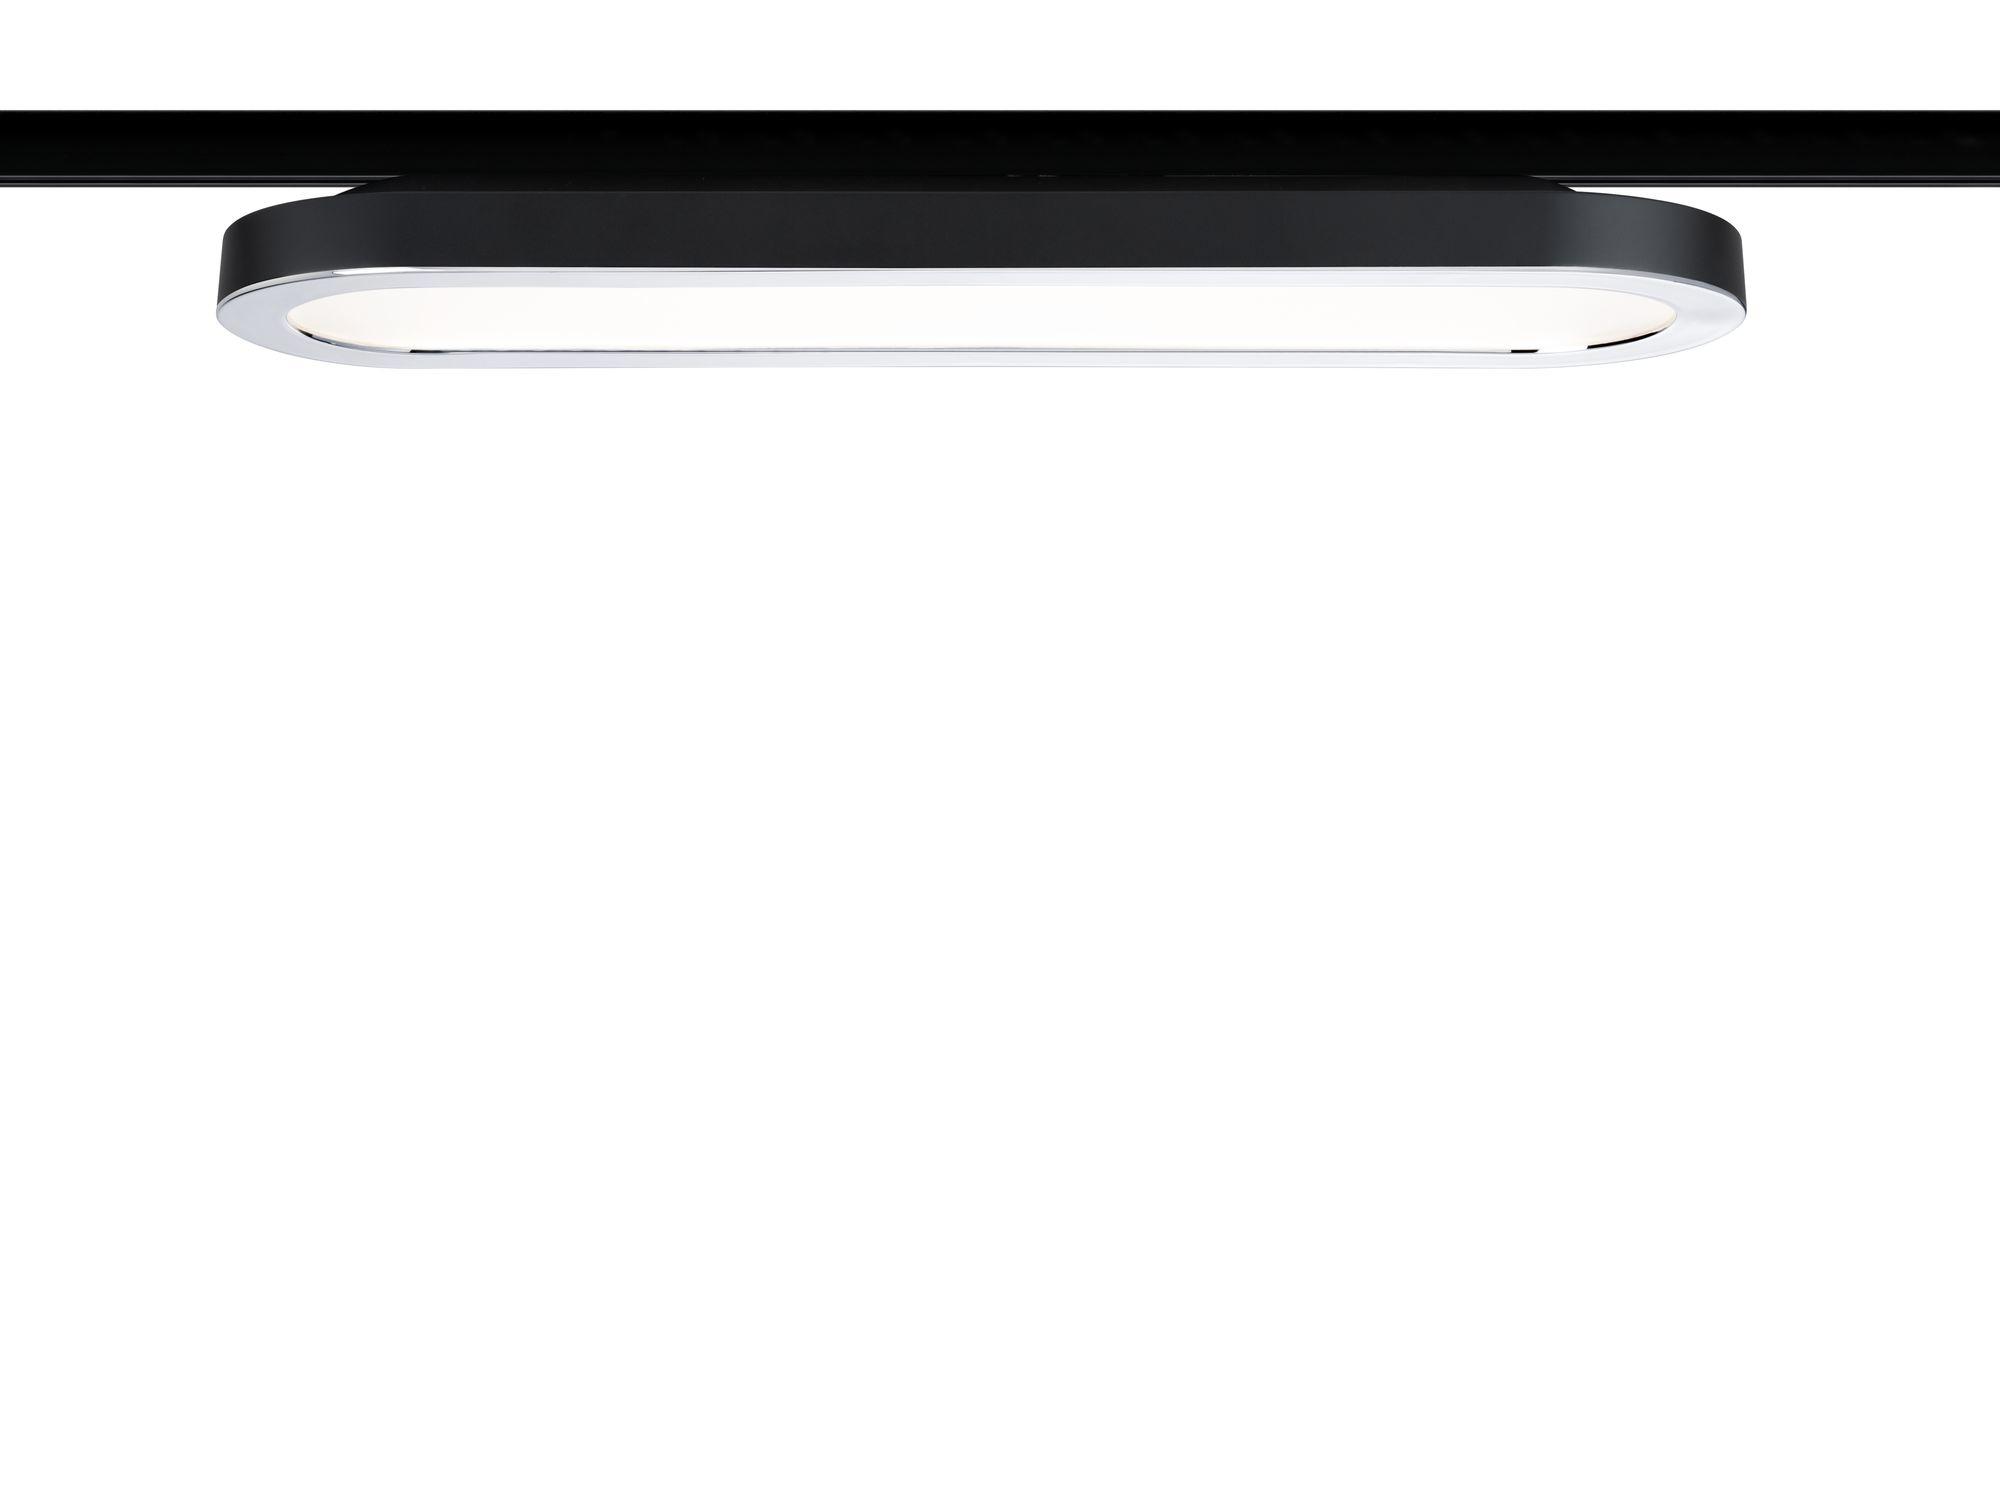 Paulmann URail LED Panel 1x7W Schwarz matt/Chrom 230V Alu/Kunststoff 2700K non-dim